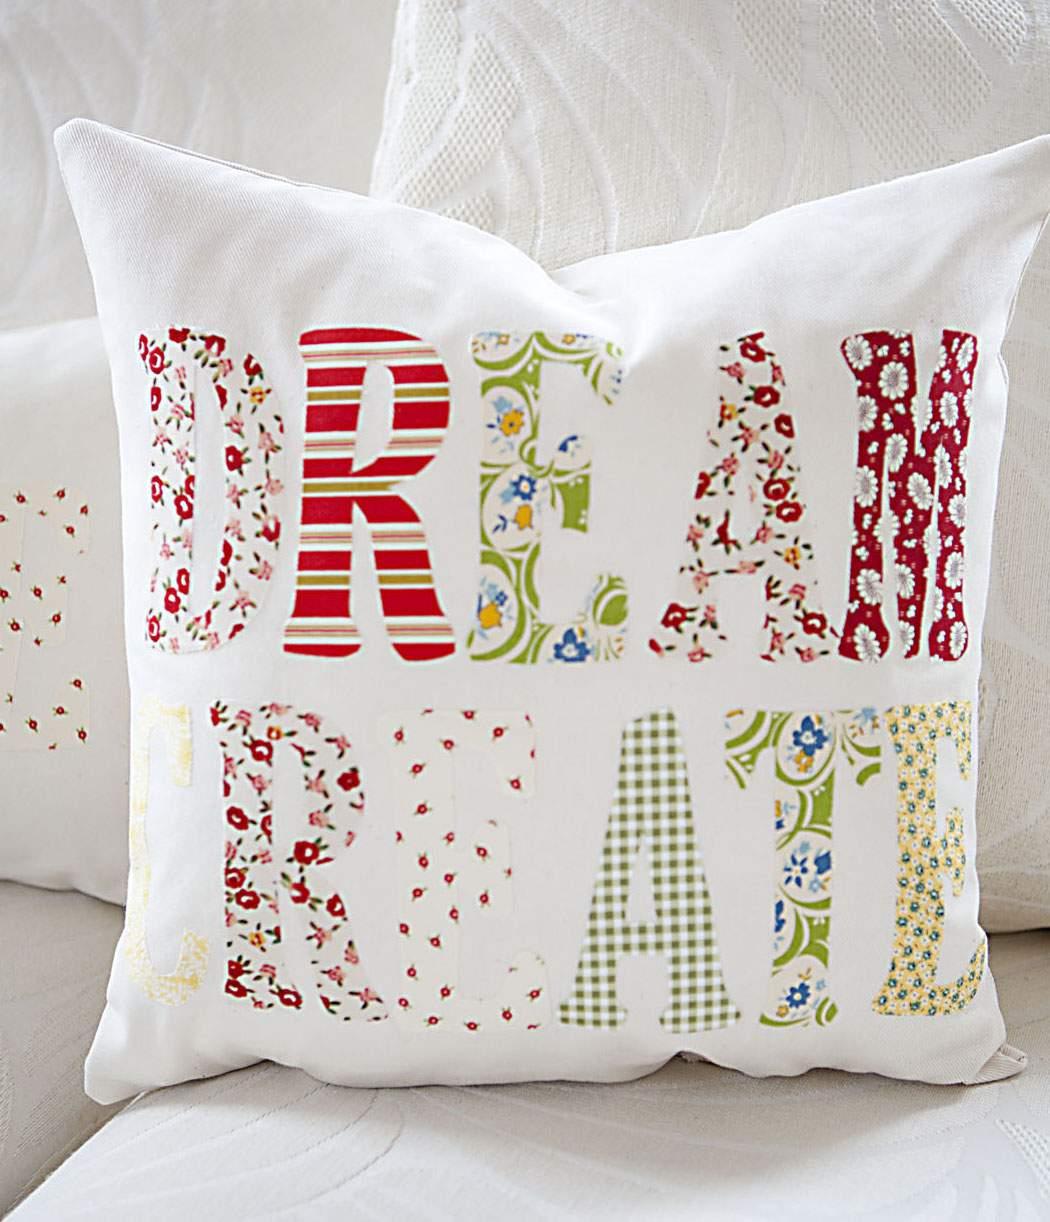 Applique Throw Pillows Celebrate Creativity